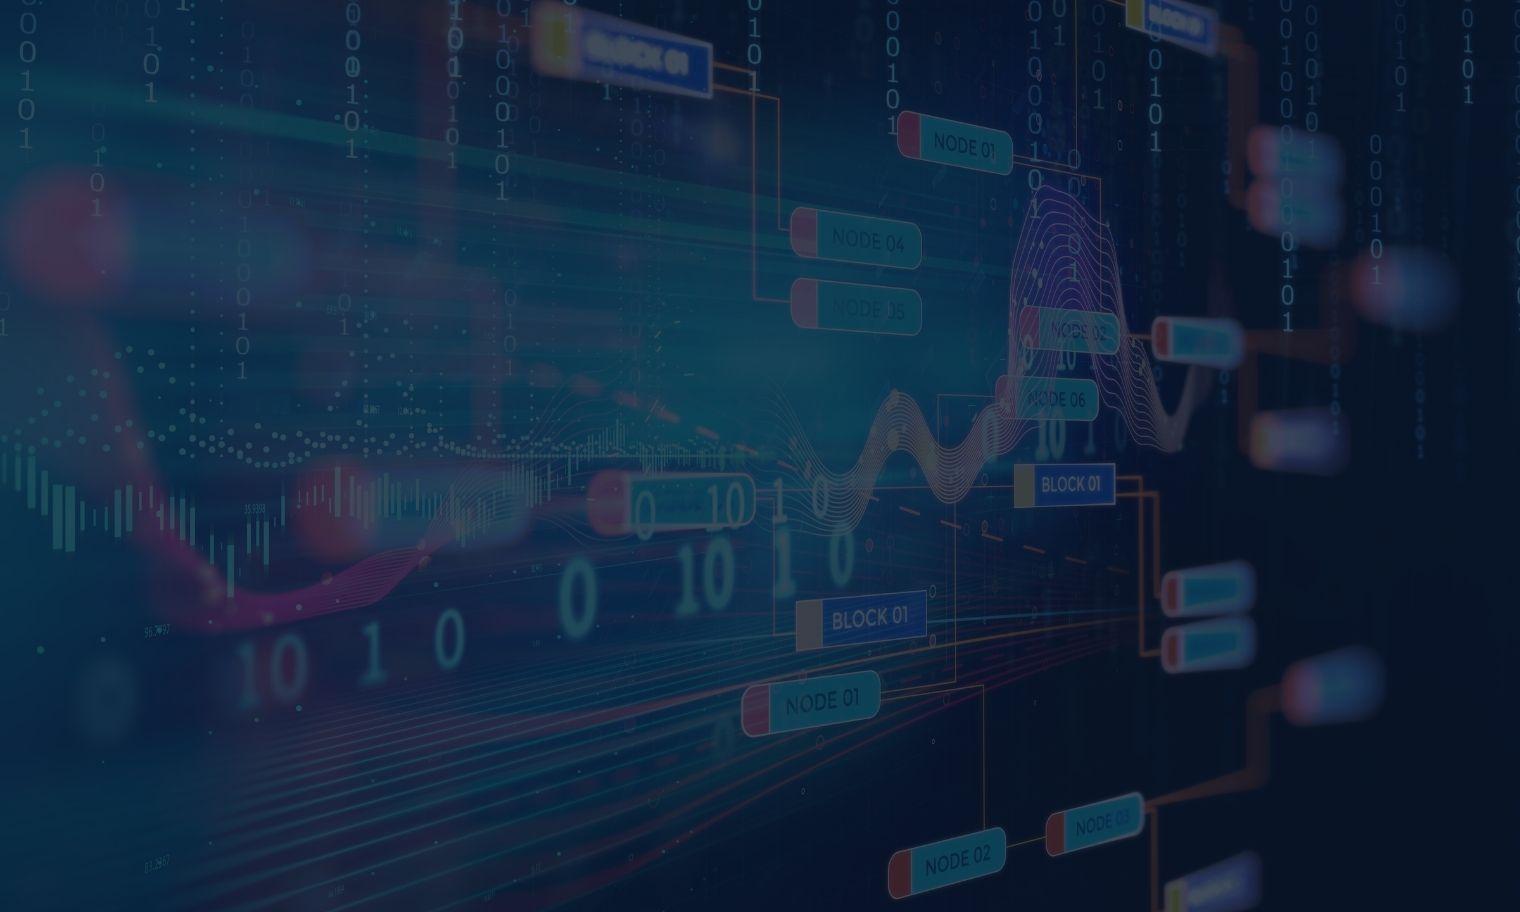 Gobernanza de datos segunda parte